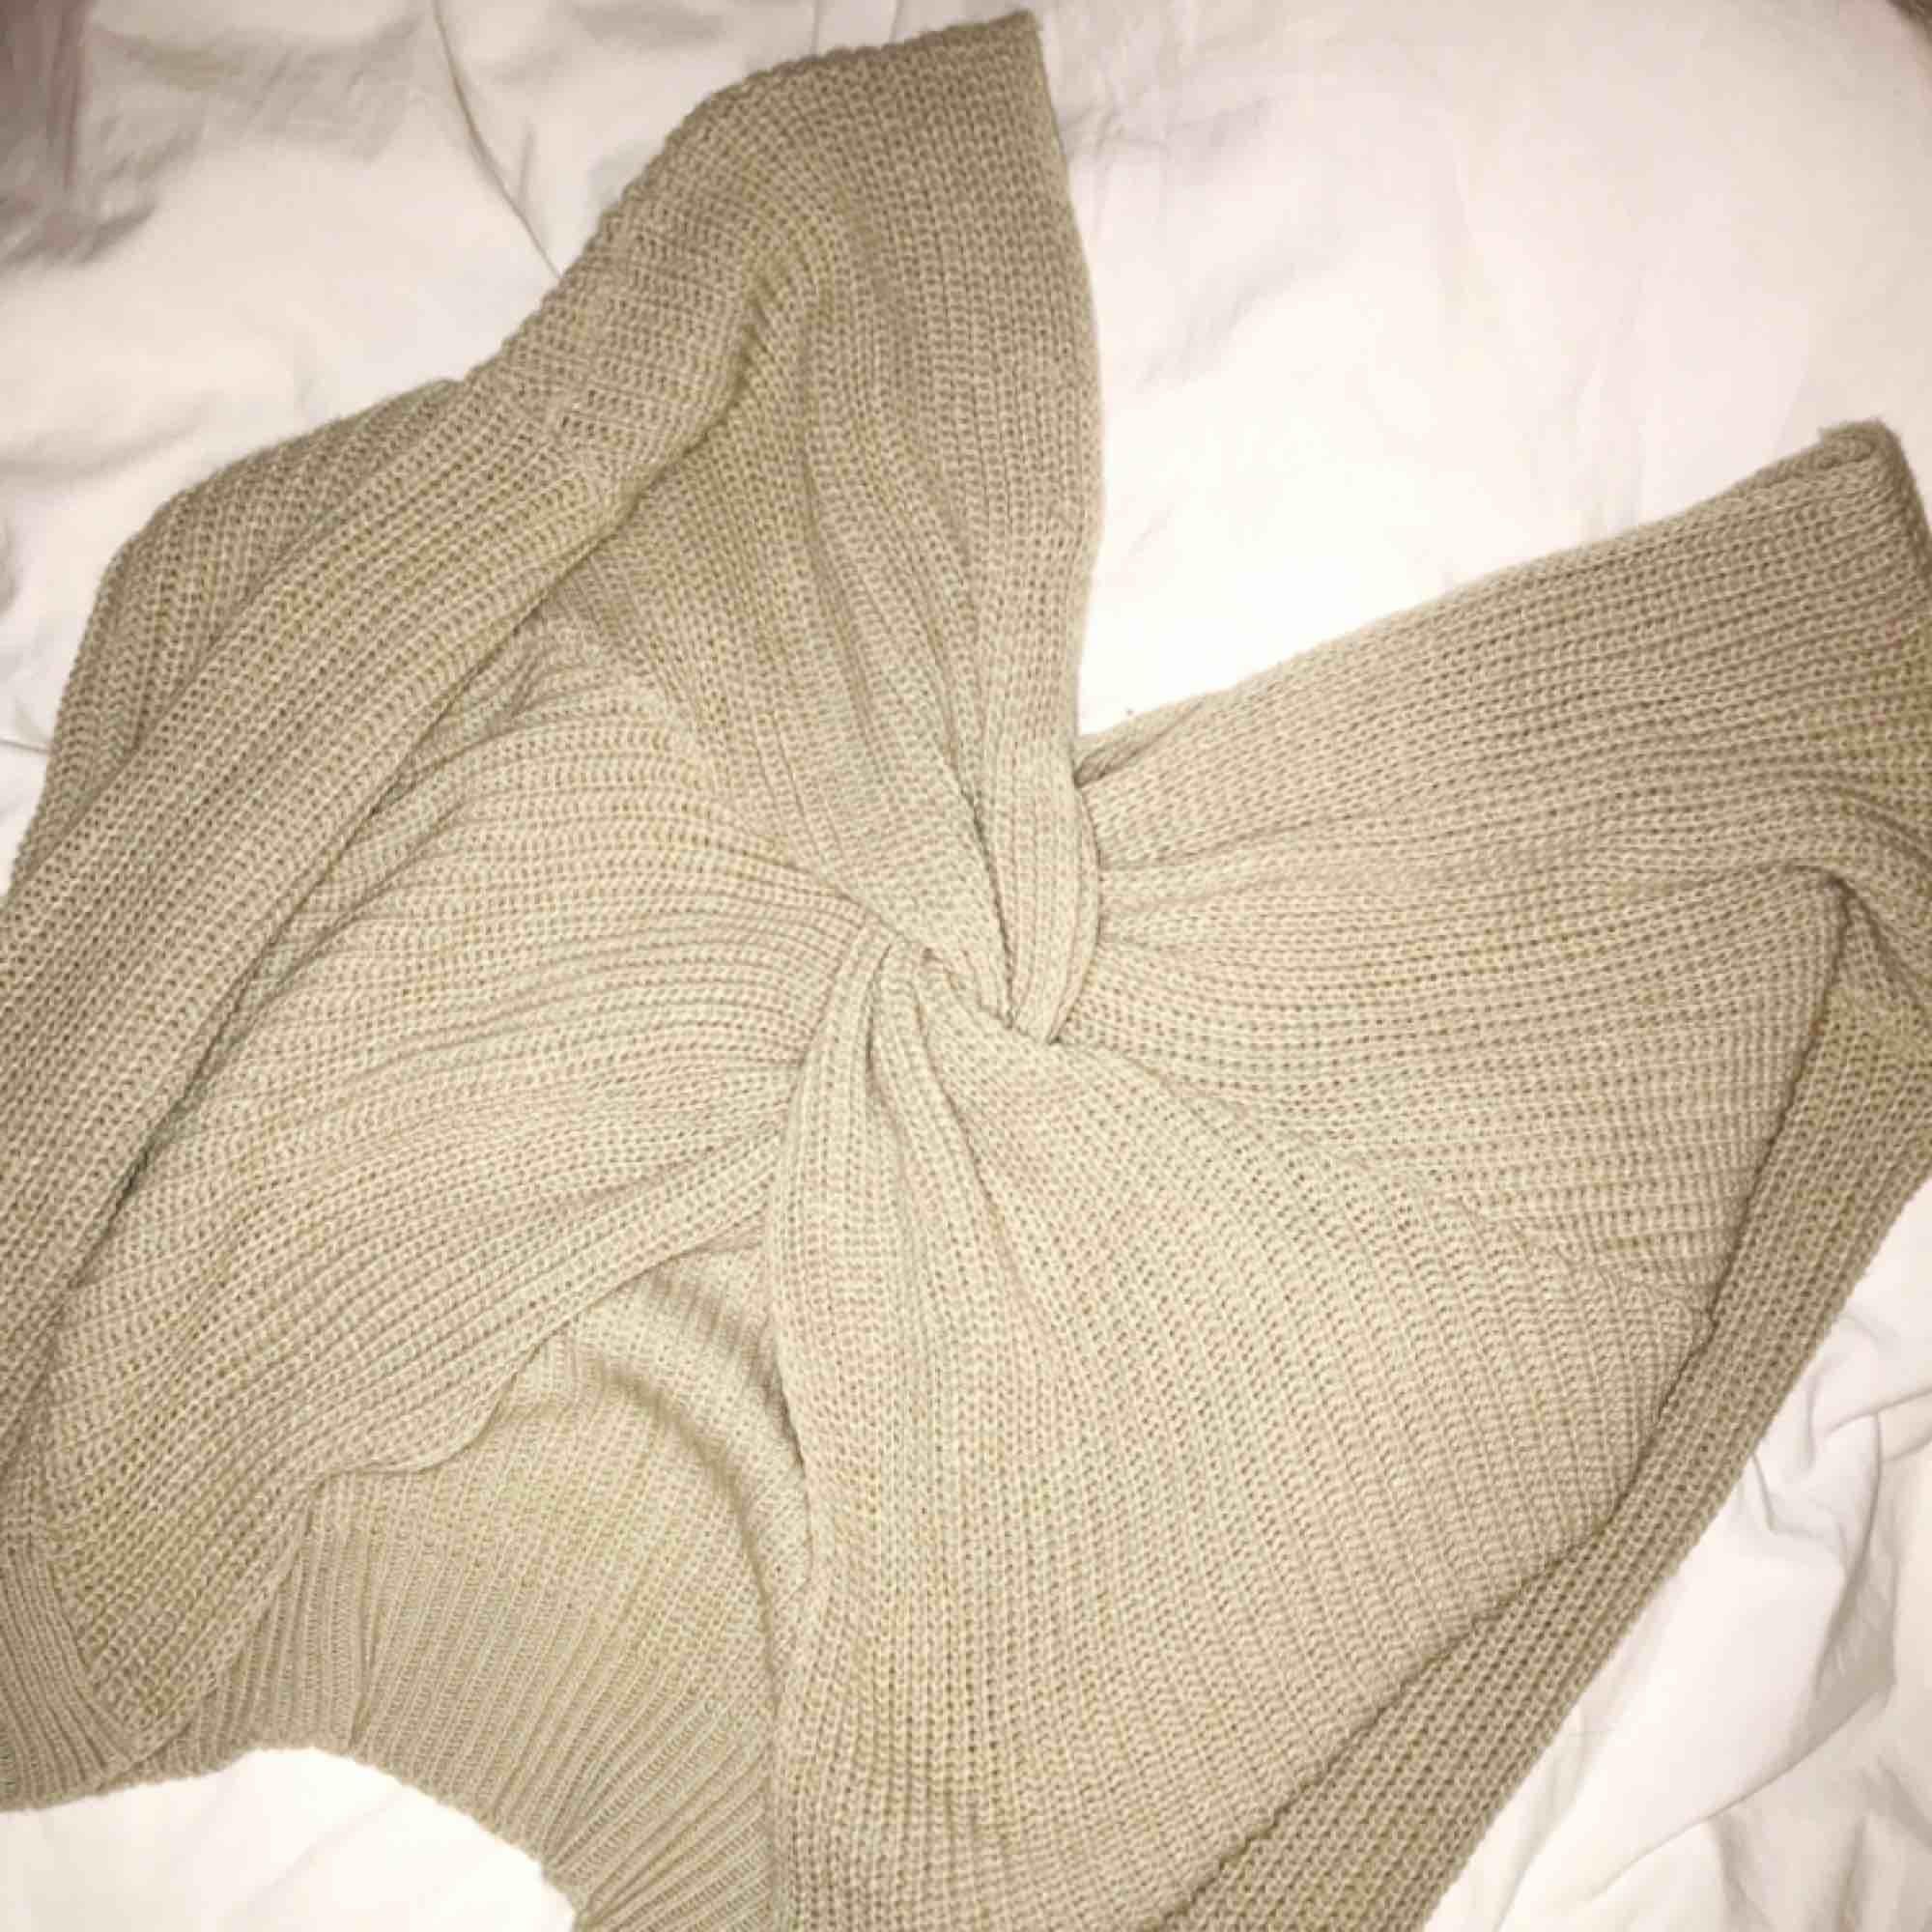 Beige stickad tröja med knytning som man kan ha både bak och fram. Passar nog de flesta storlekar. Kommer tyvärr aldrig till användning. Frakt kostar 40kr 🥰. Stickat.